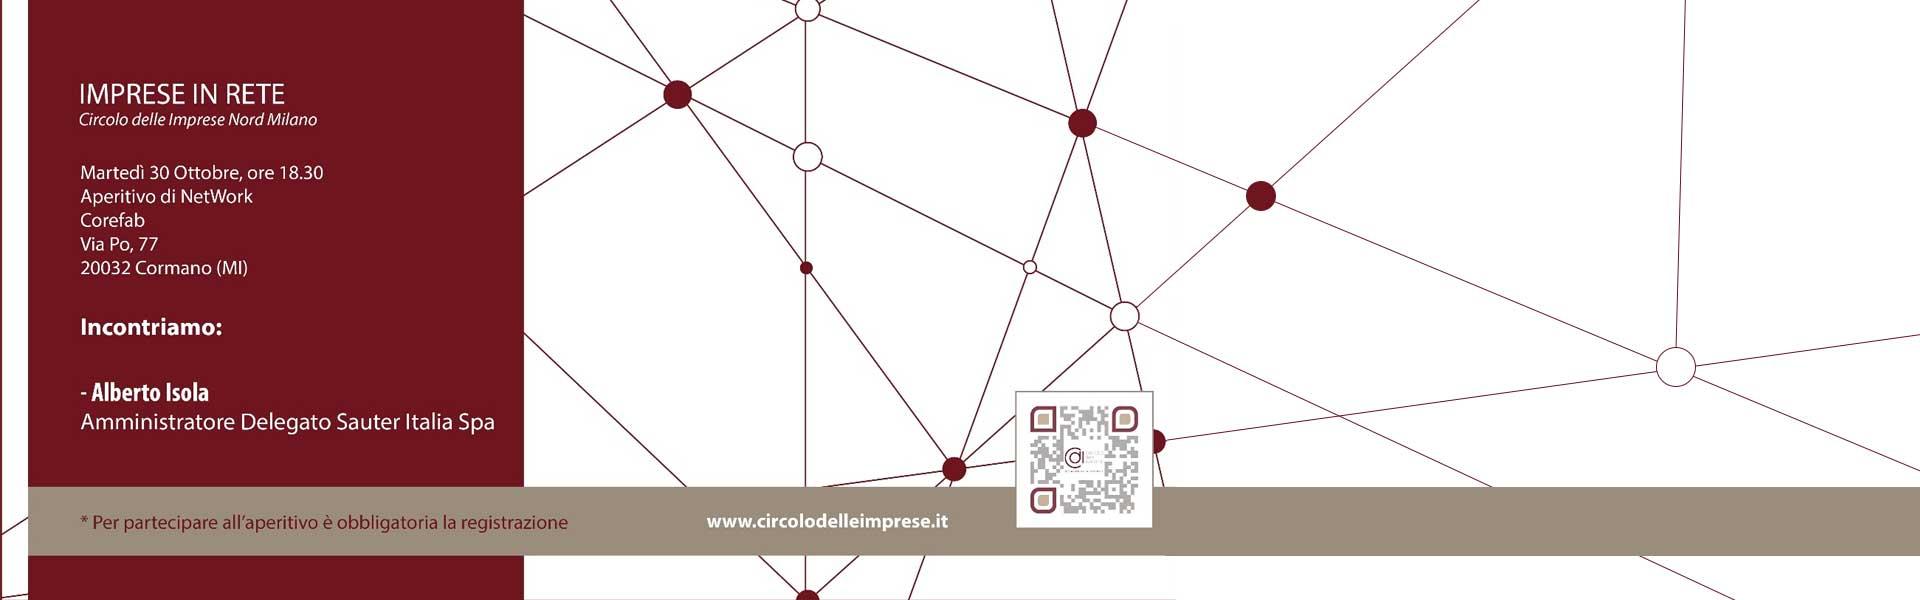 Imprese in rete, Circolo delle Imprese Nord Milano.